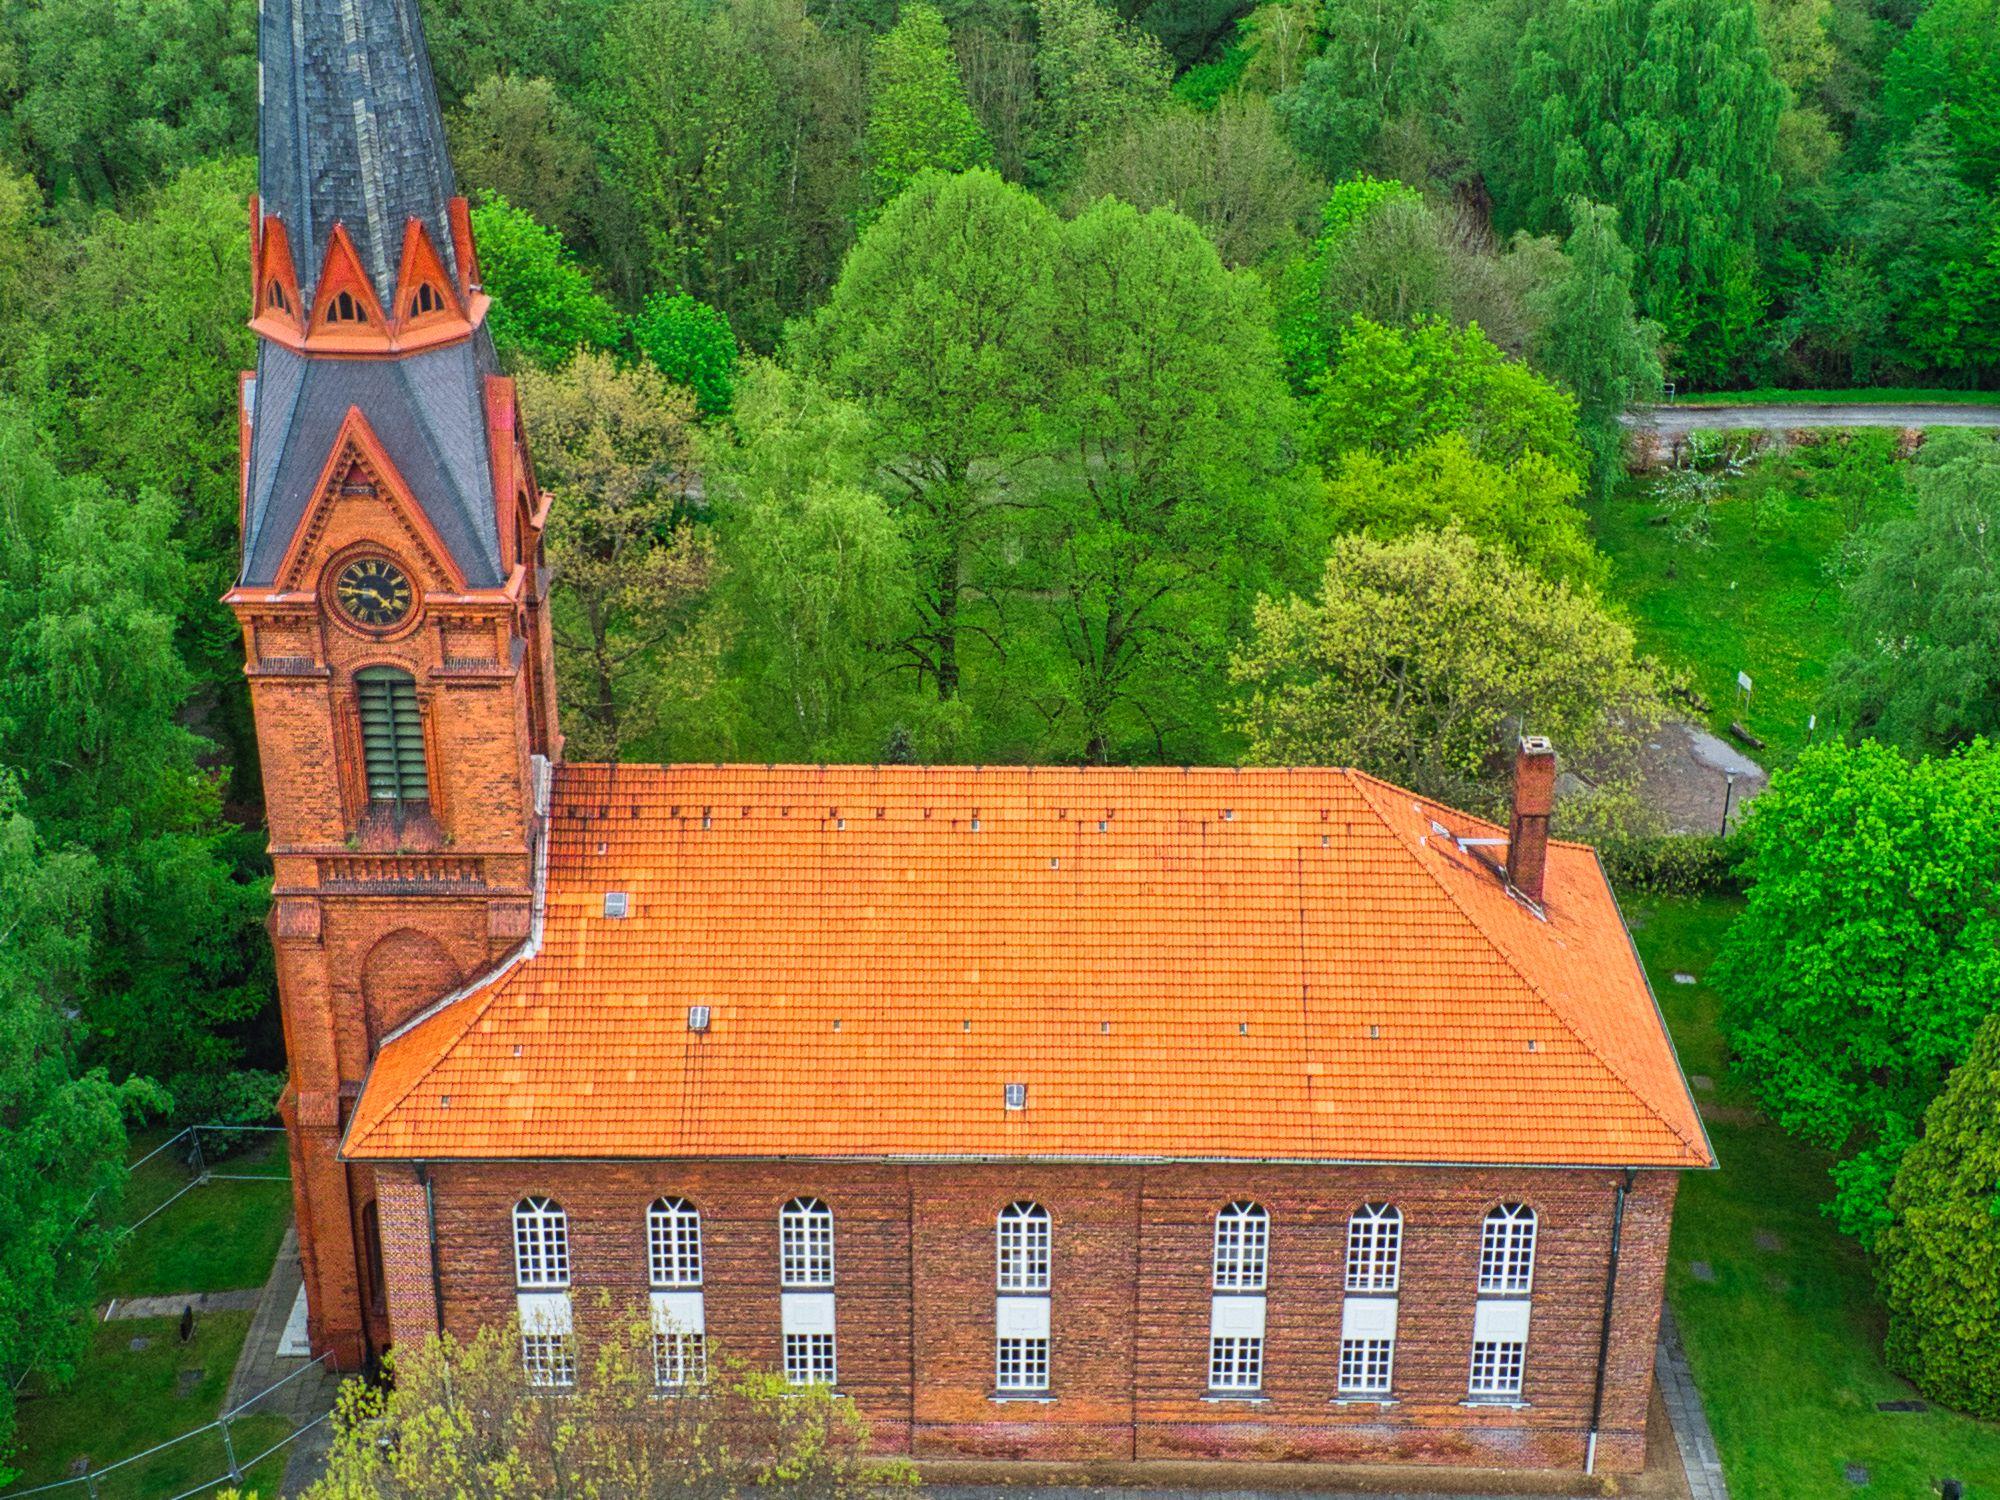 St. Gertrud Kirche Altenwerder